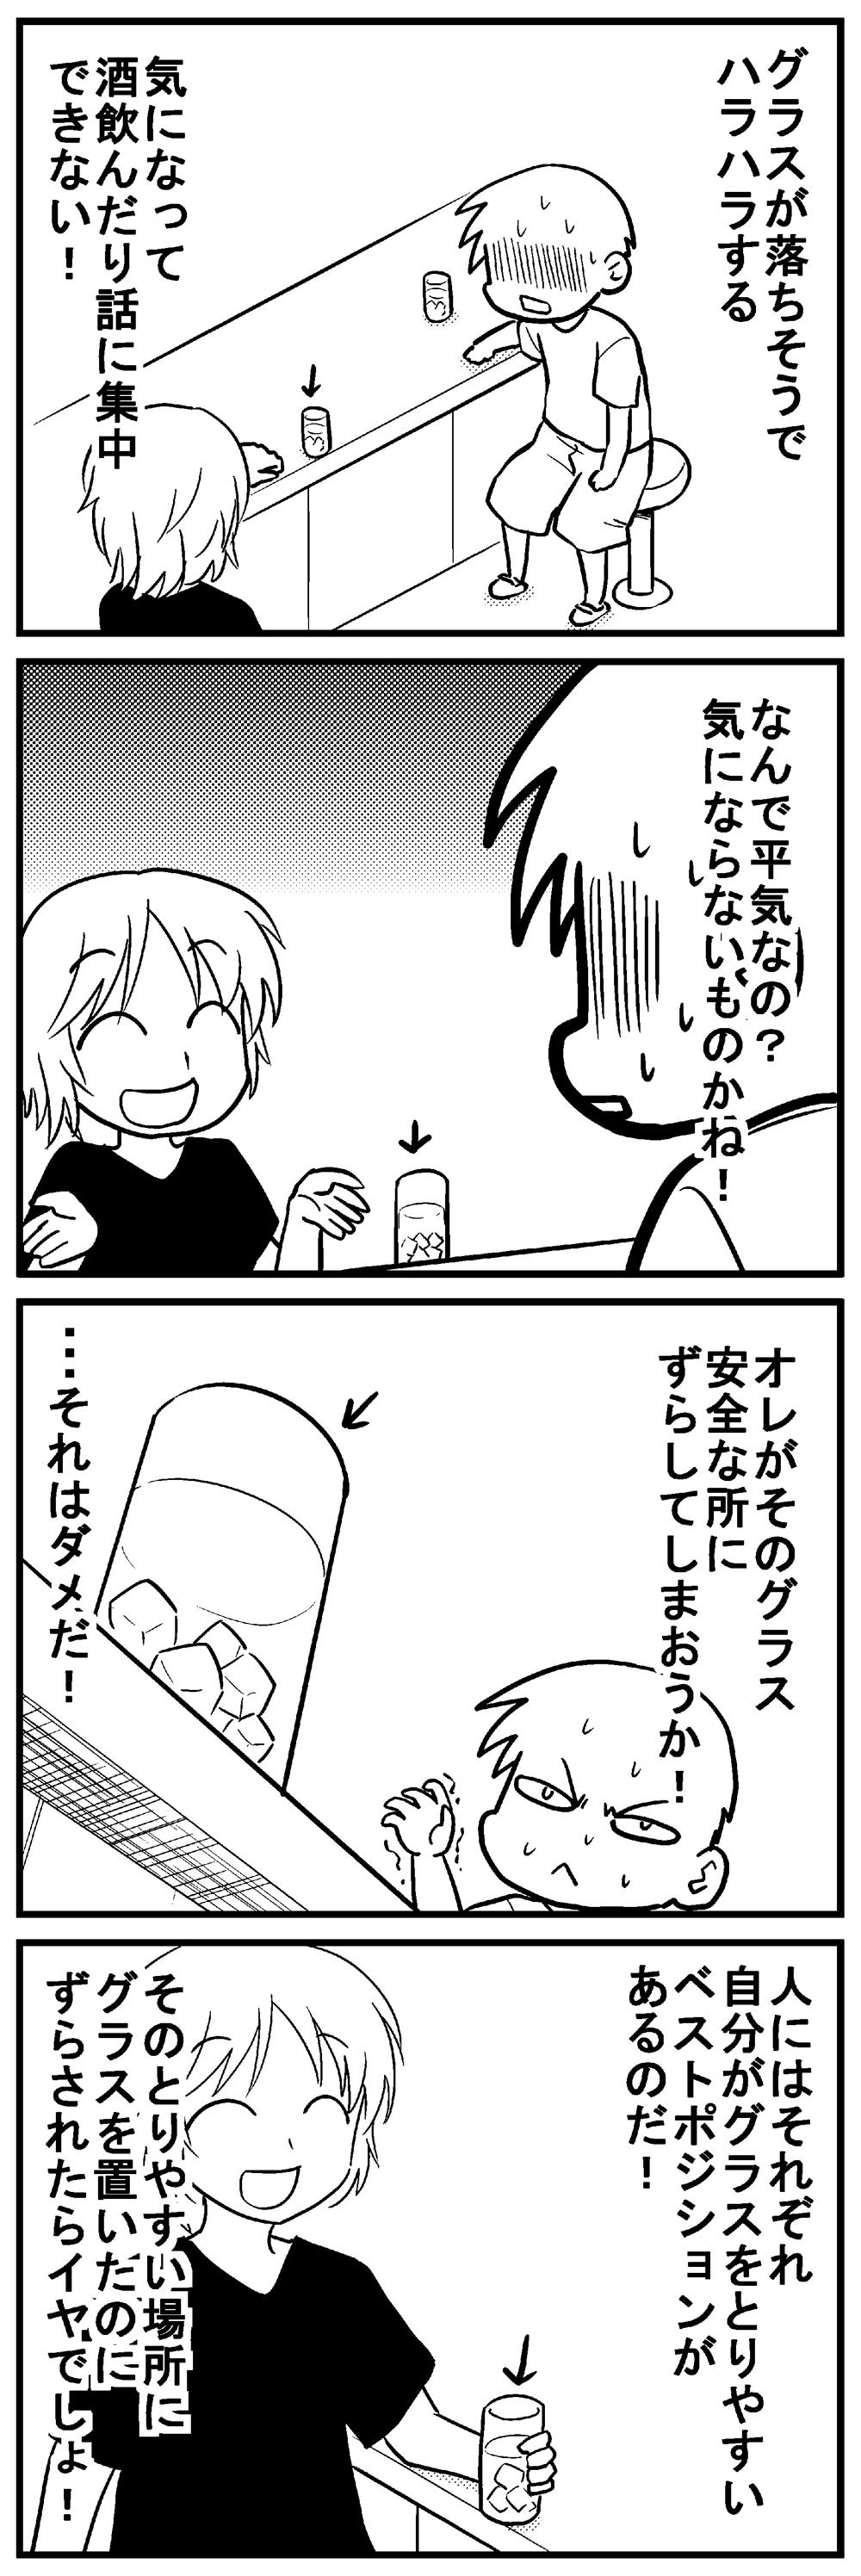 深読みくん71-21